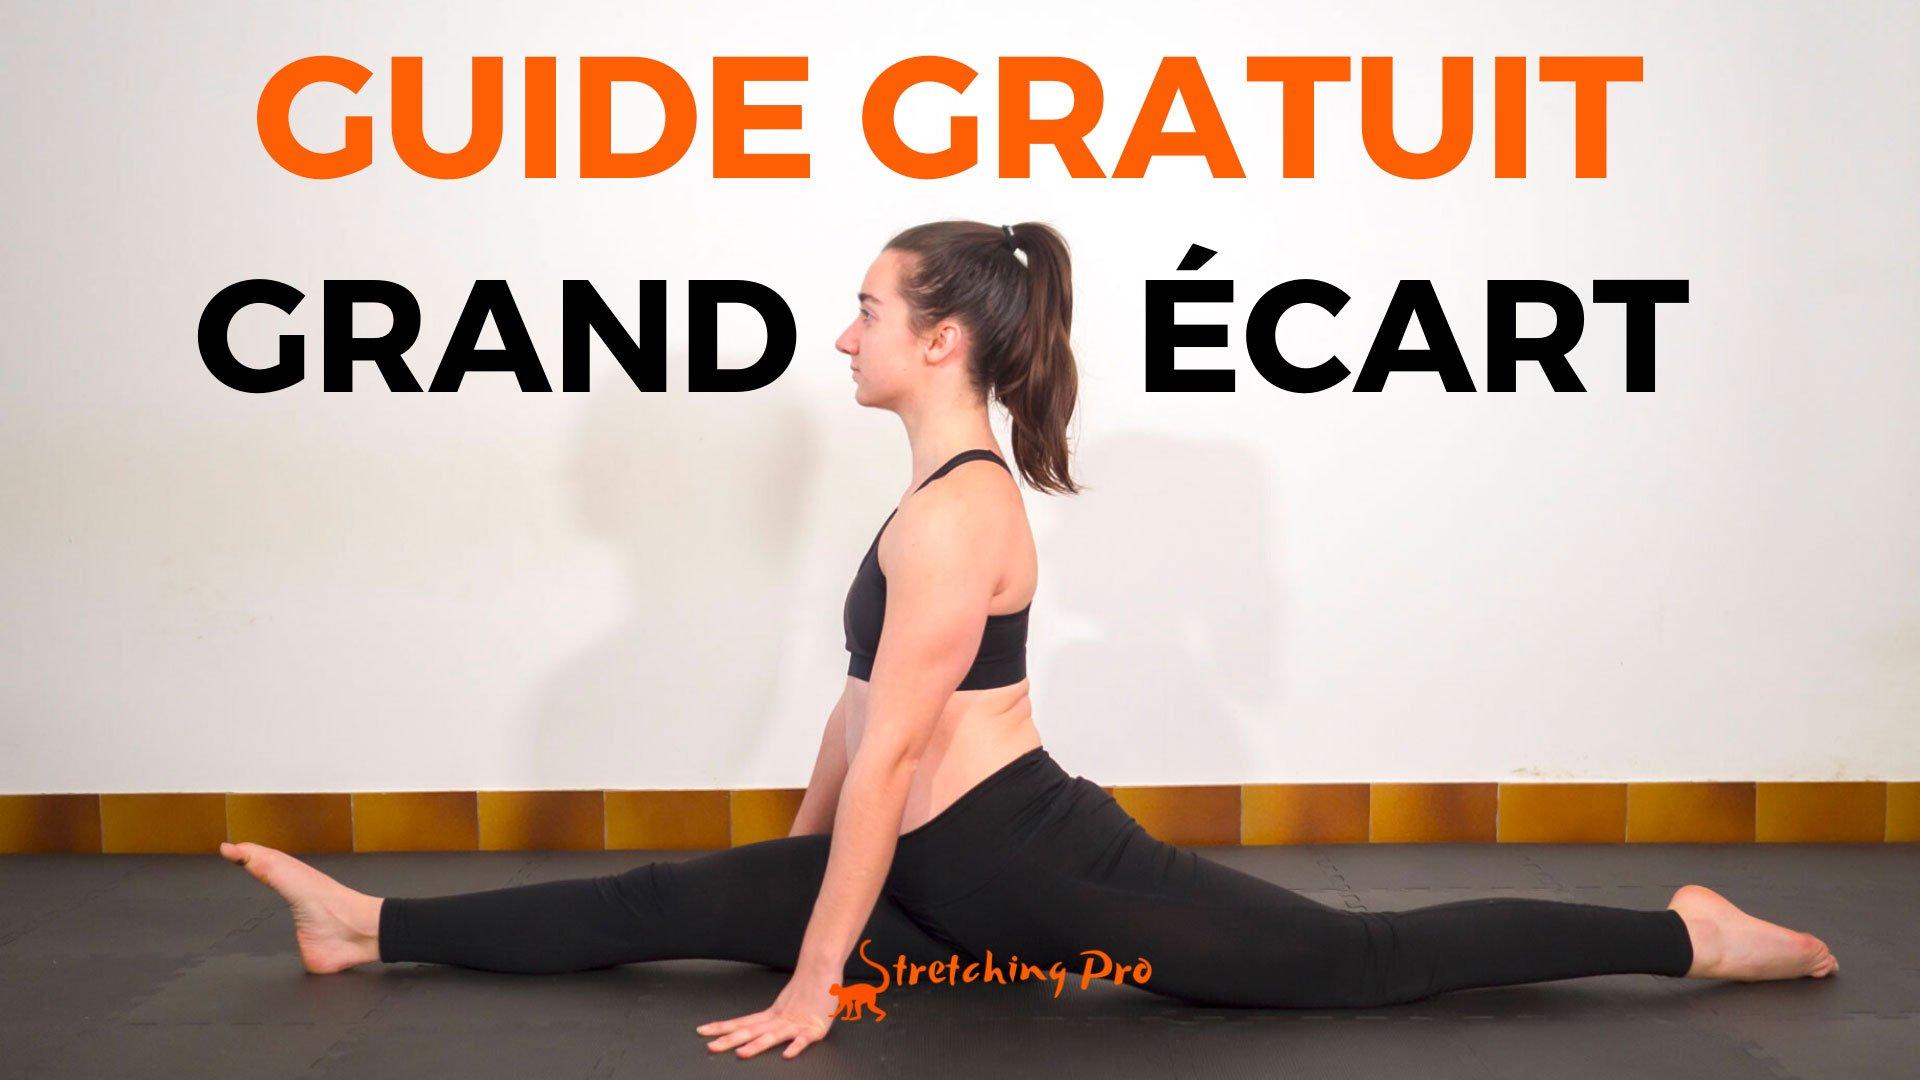 stretchingpro-guide-gratuit-reussir-grand-ecart